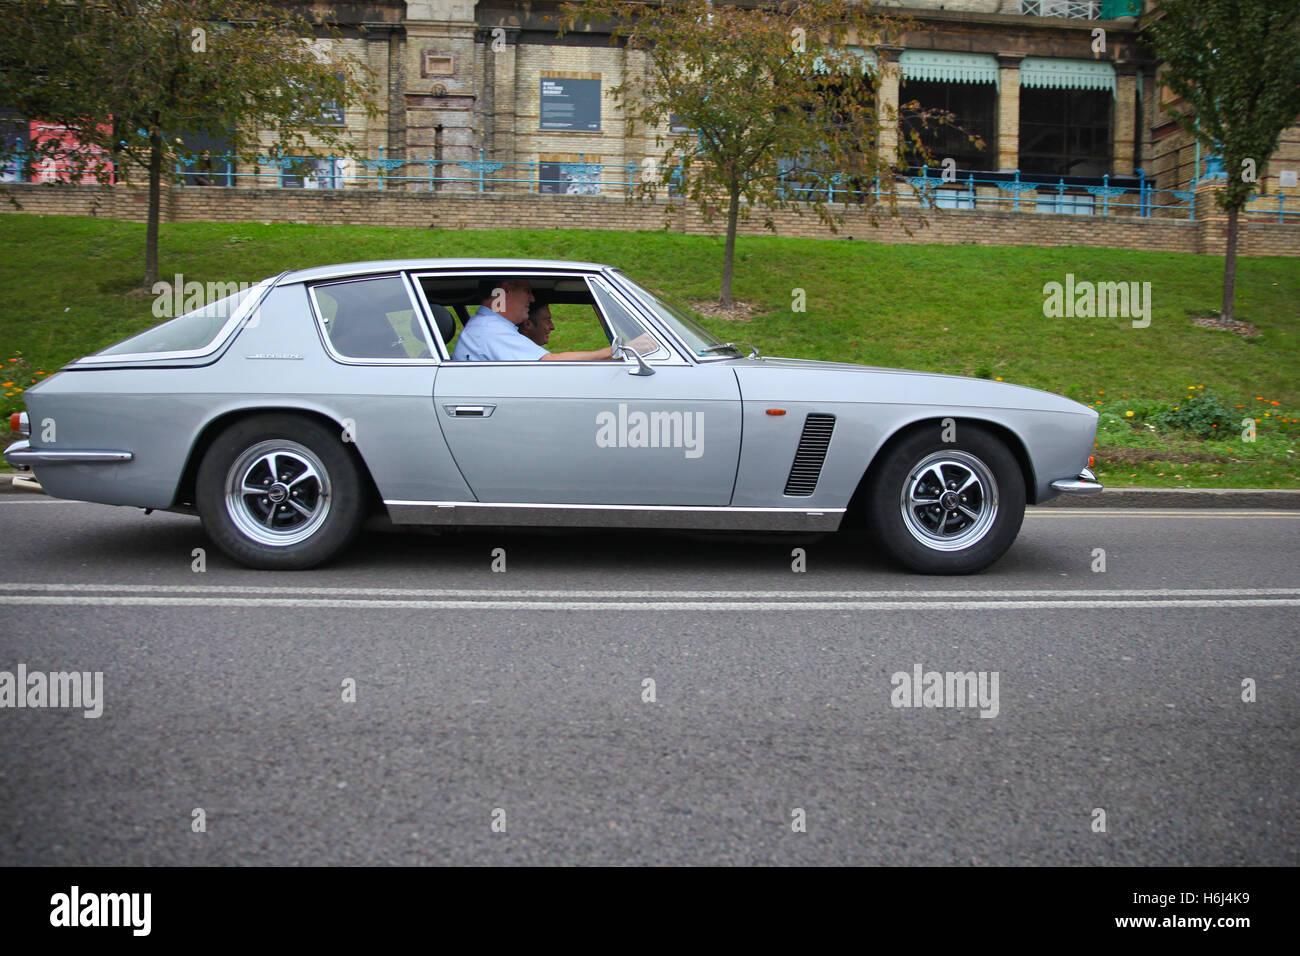 James Bond Bmw Stock Photos Amp James Bond Bmw Stock Images